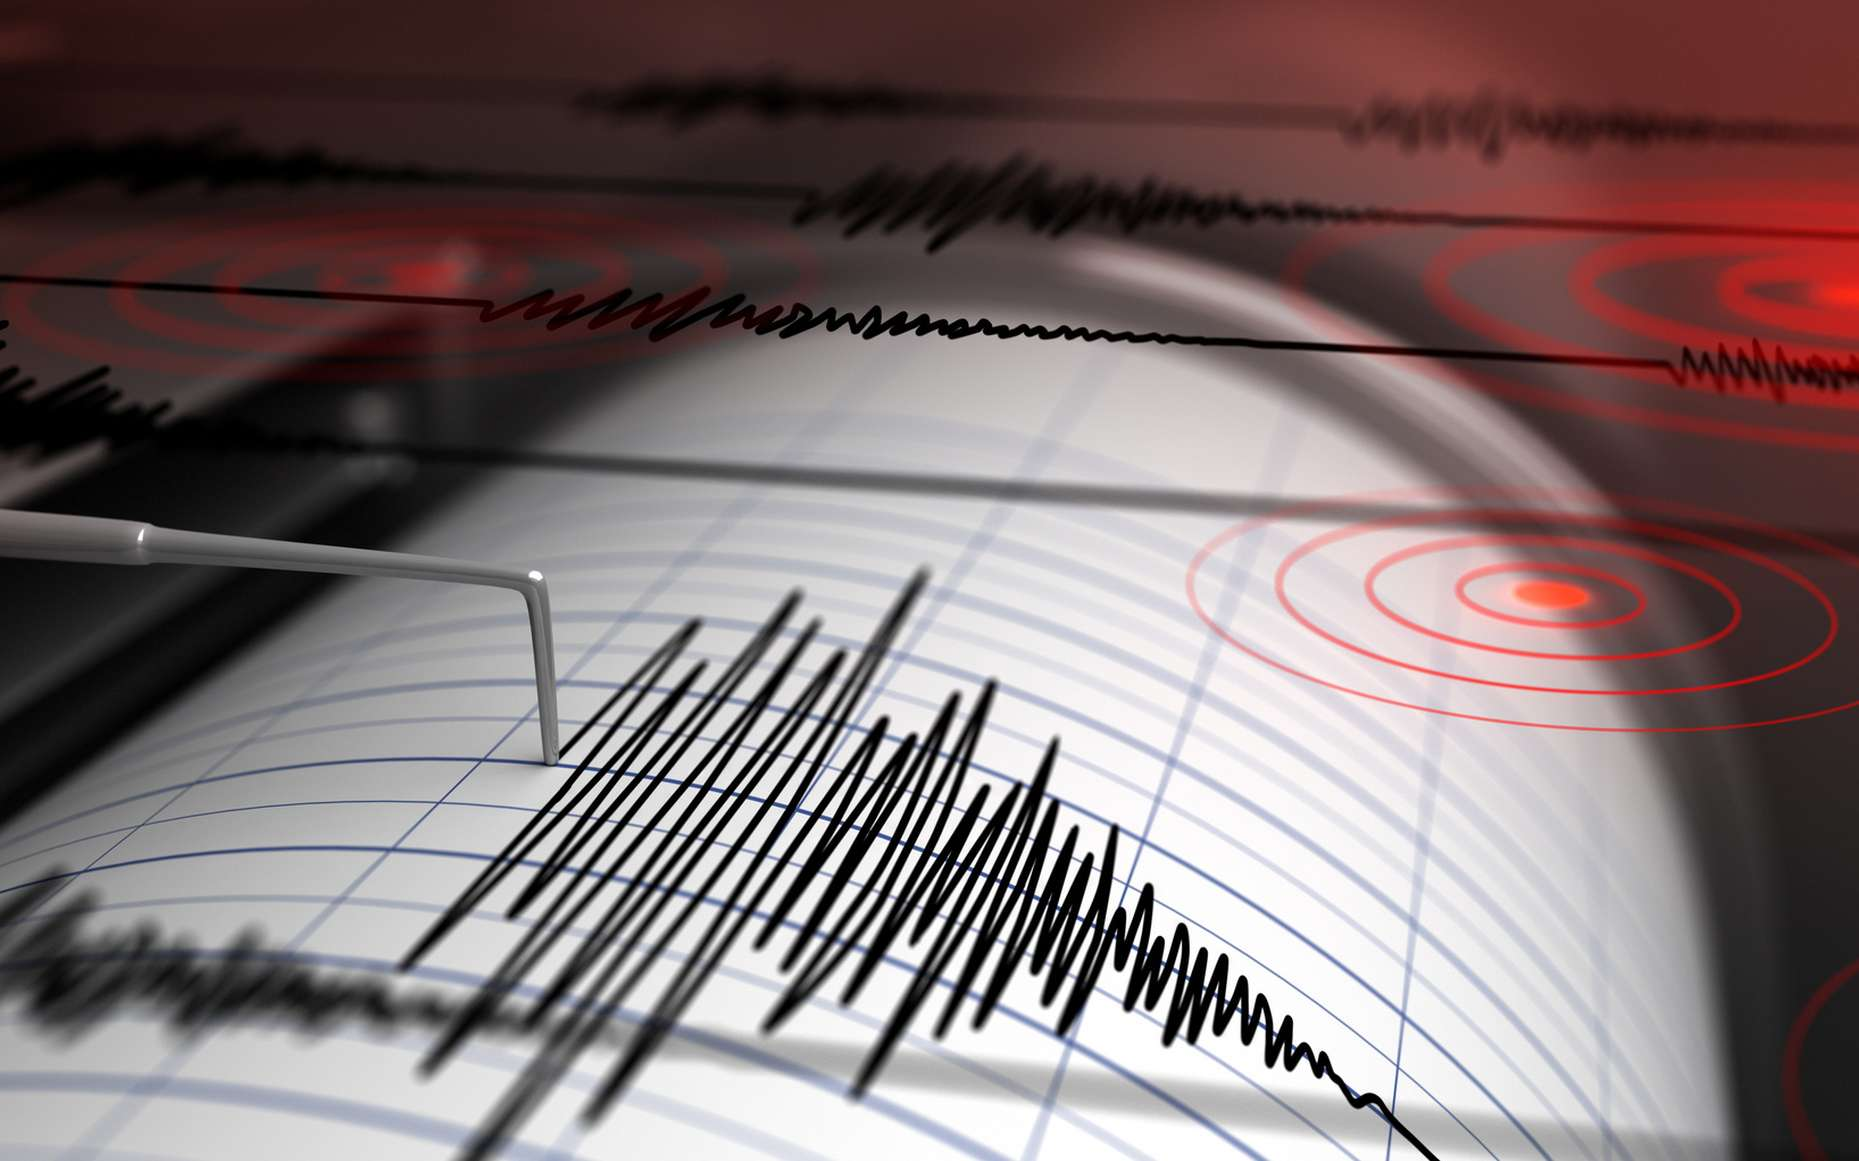 Le noyau de la Terre serait responsable de séismes majeurs. Il est possible d'étudier les séismes avec des sismogrammes enregistrés par des sismomètres. © Petrovich12, Fotolia